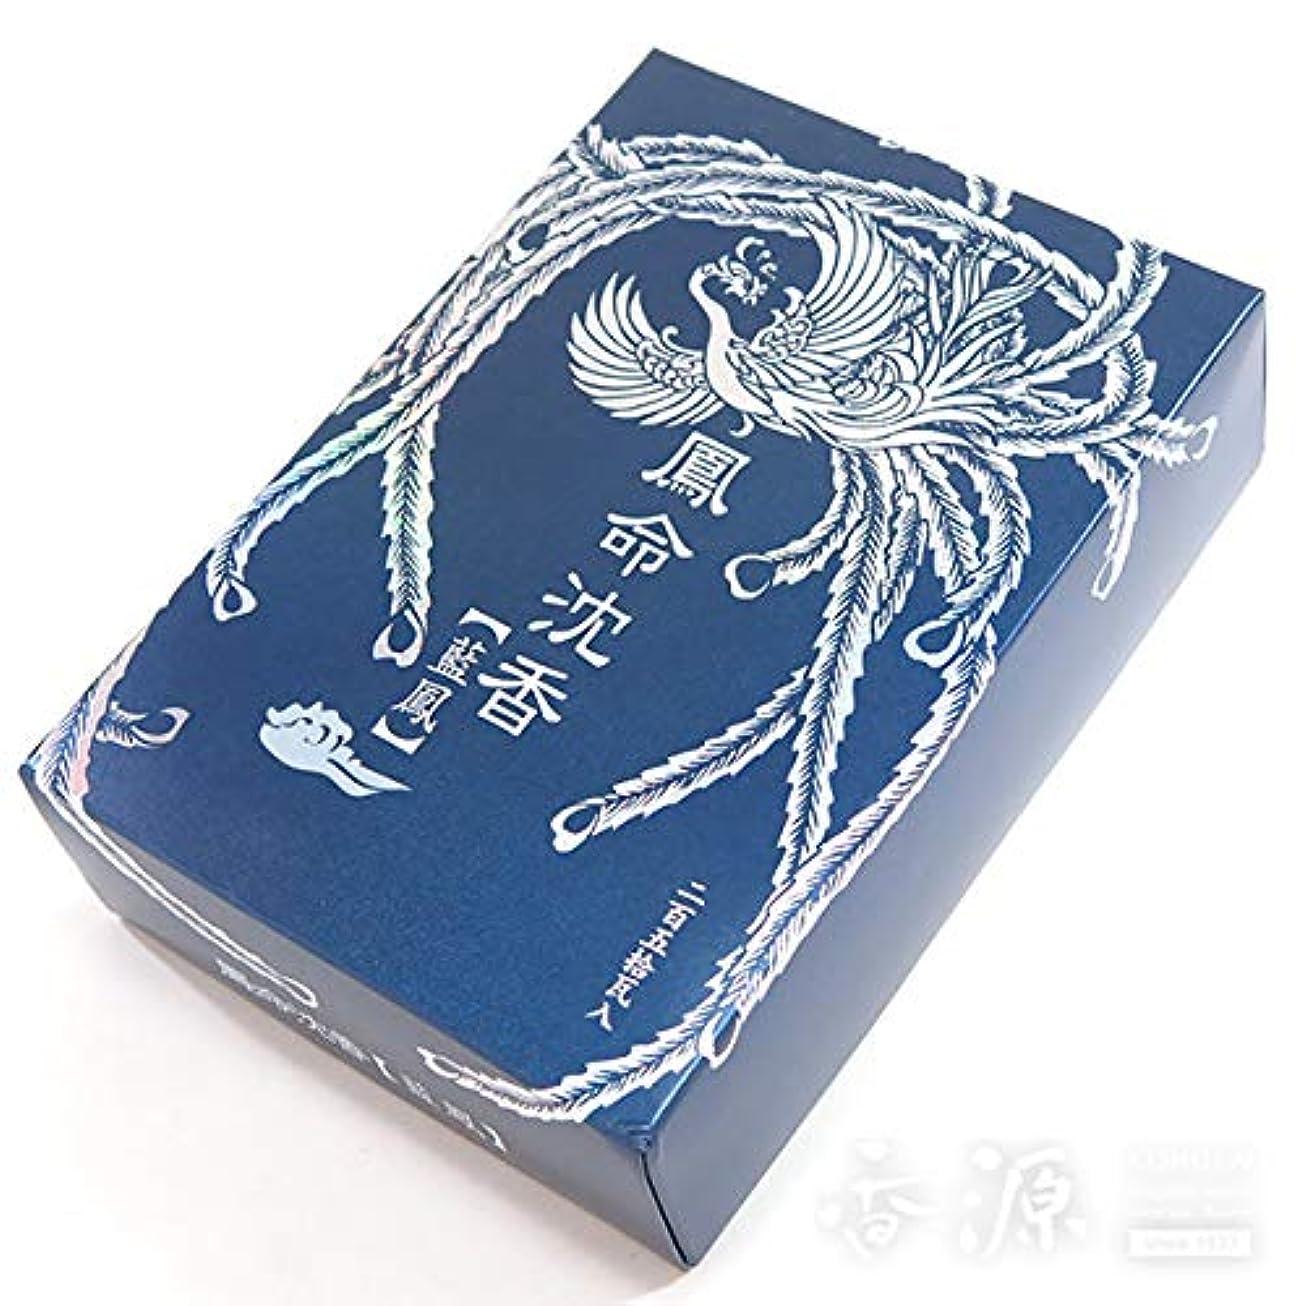 理論スラム同化する長川仁三郎商店のお香 鳳命沈香 藍鳳 250g入